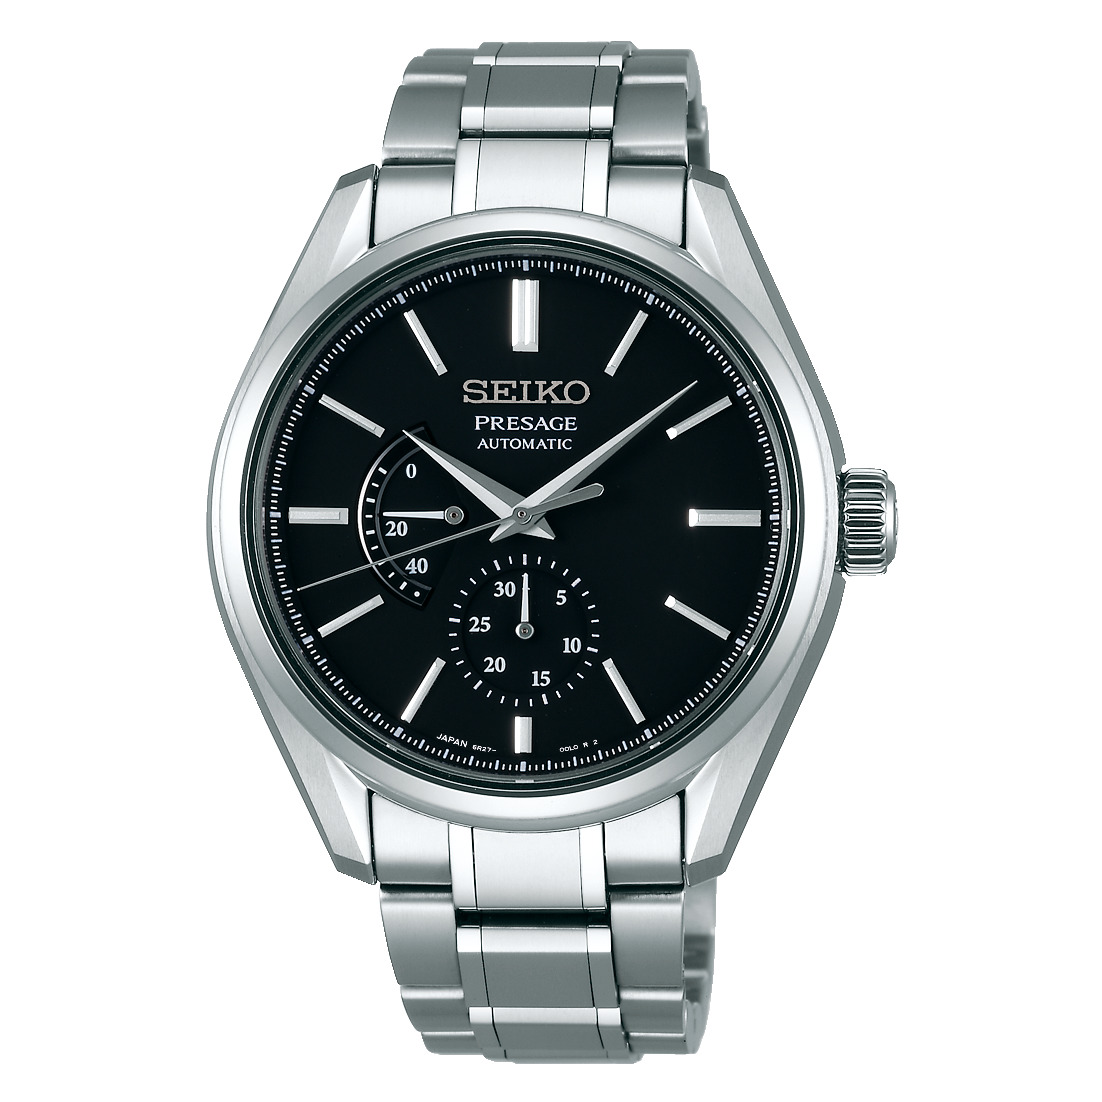 プレザージュ PRESAGE セイコー SEIKO SARW043 プレステージモデル 正規品 腕時計